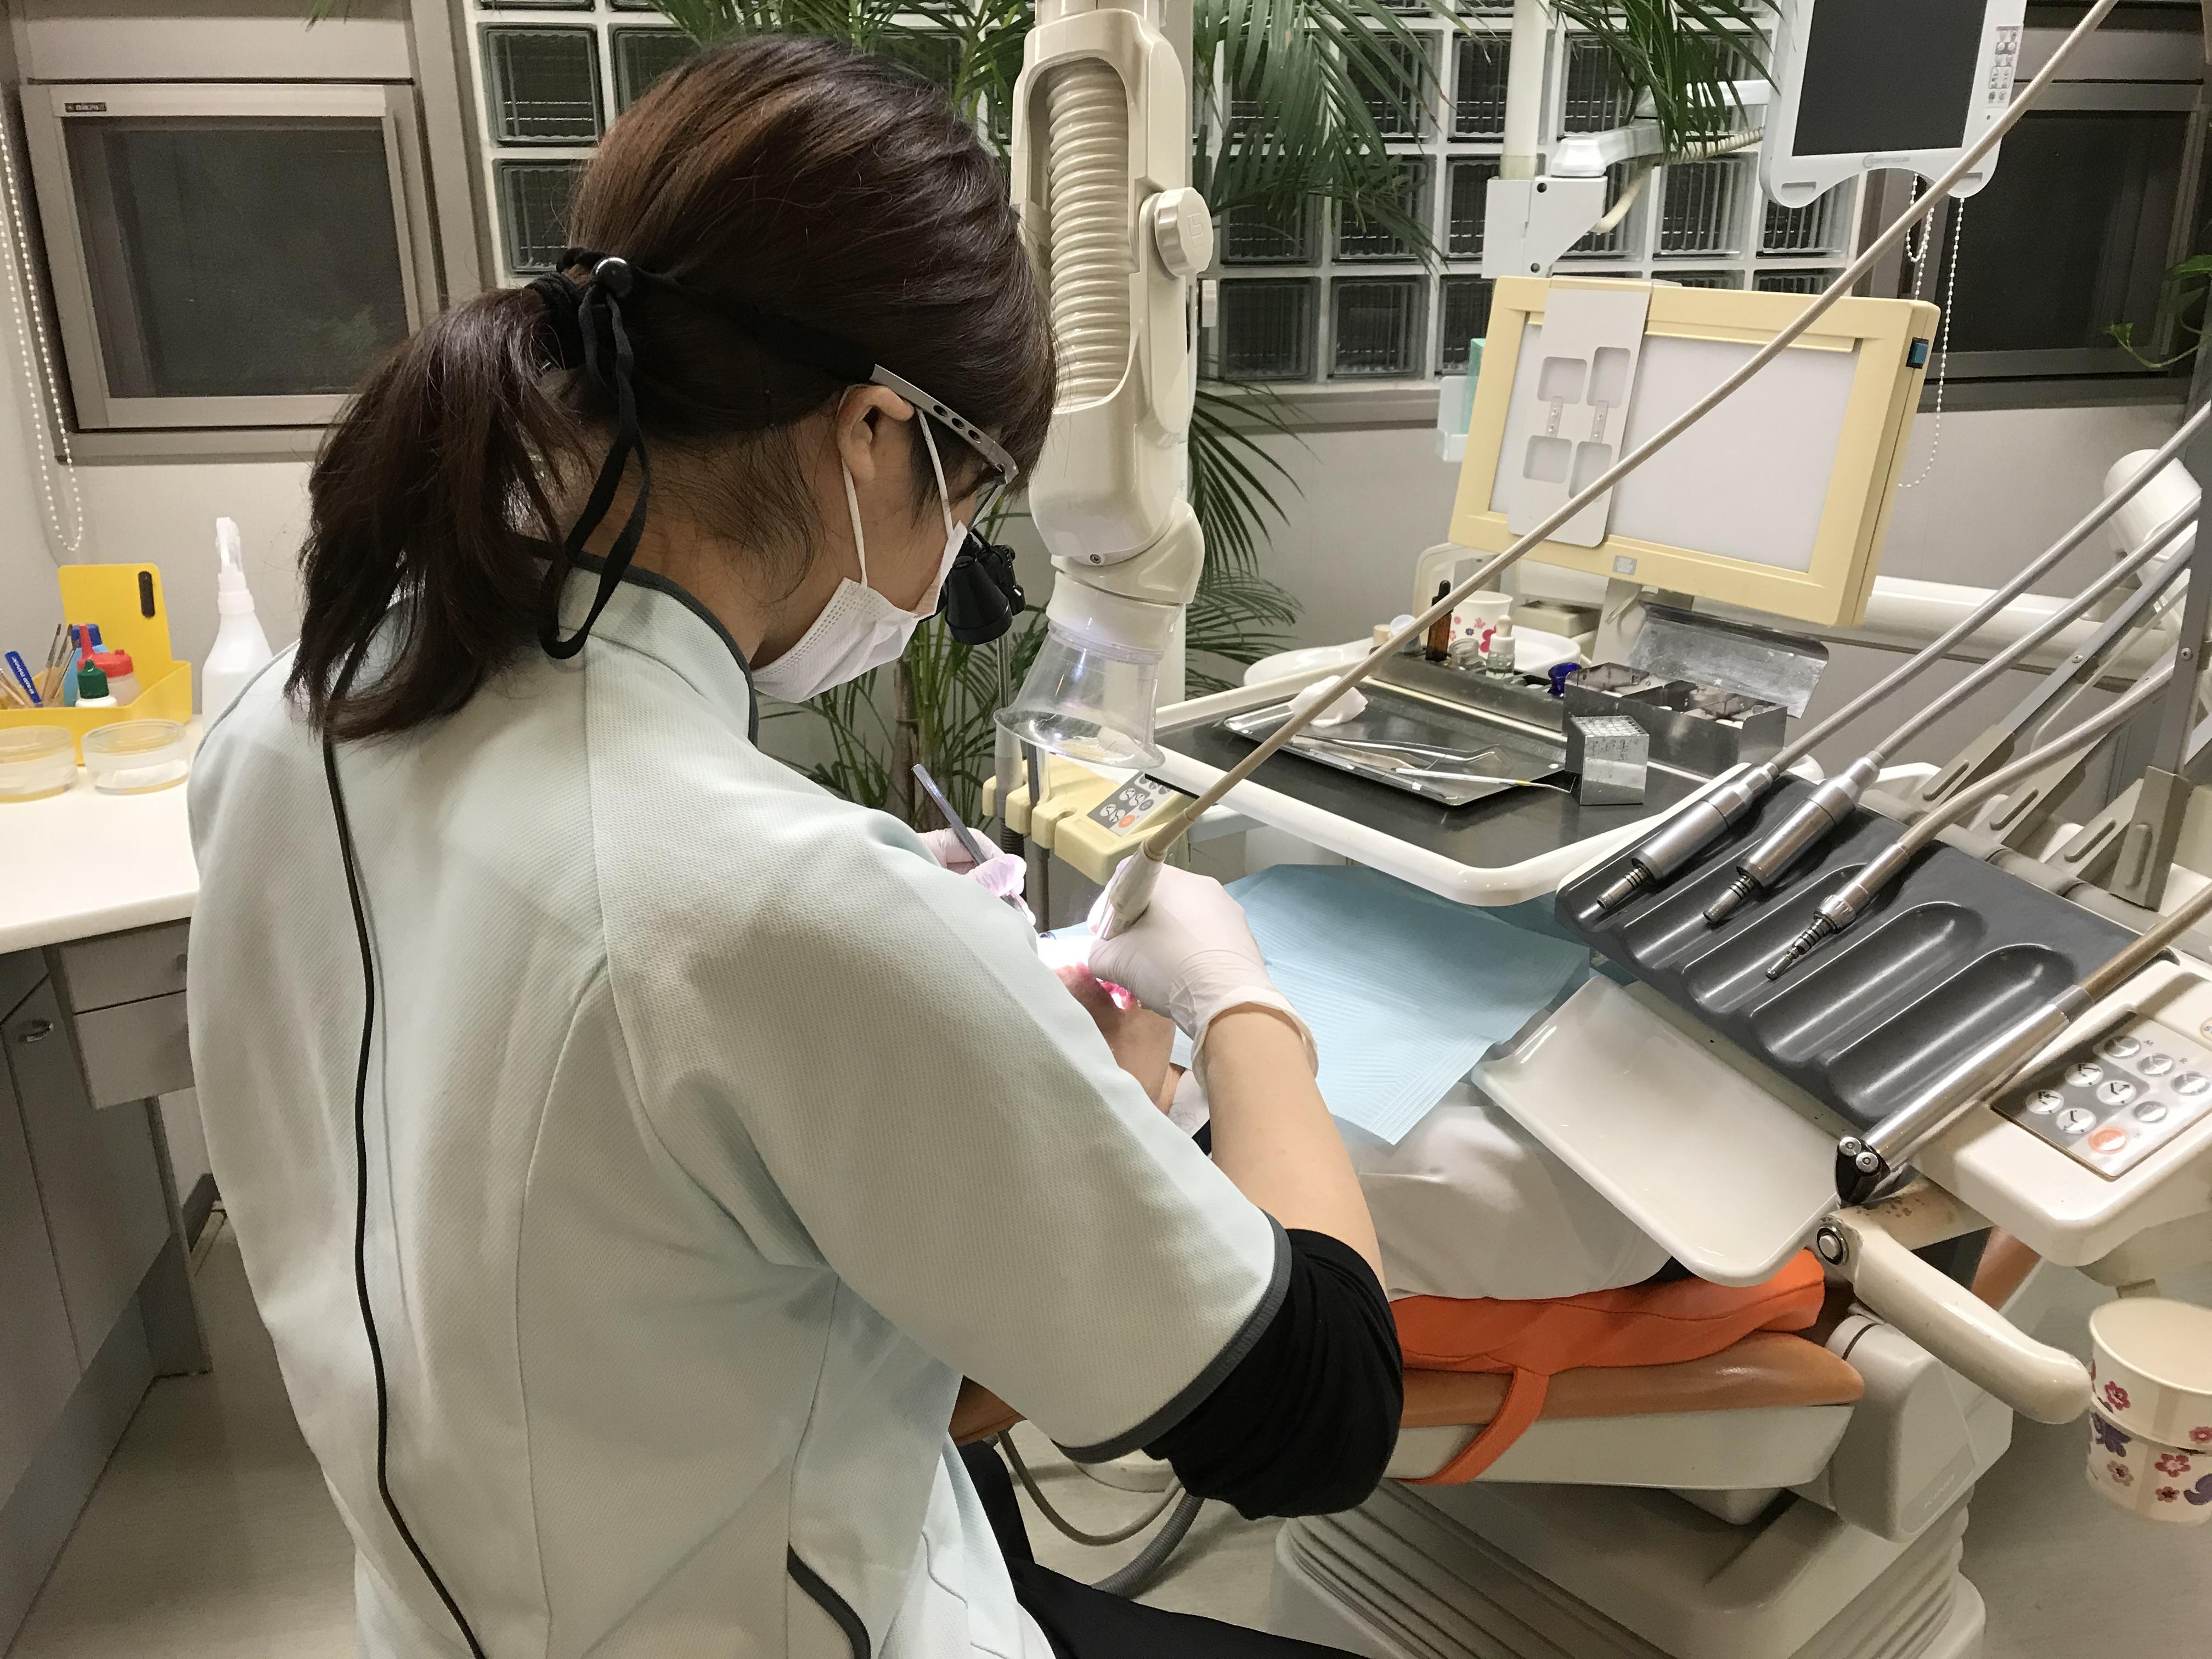 2018年2月8日放送 「和風総本家」〜ニッポンの医療現場を支える職人たち〜